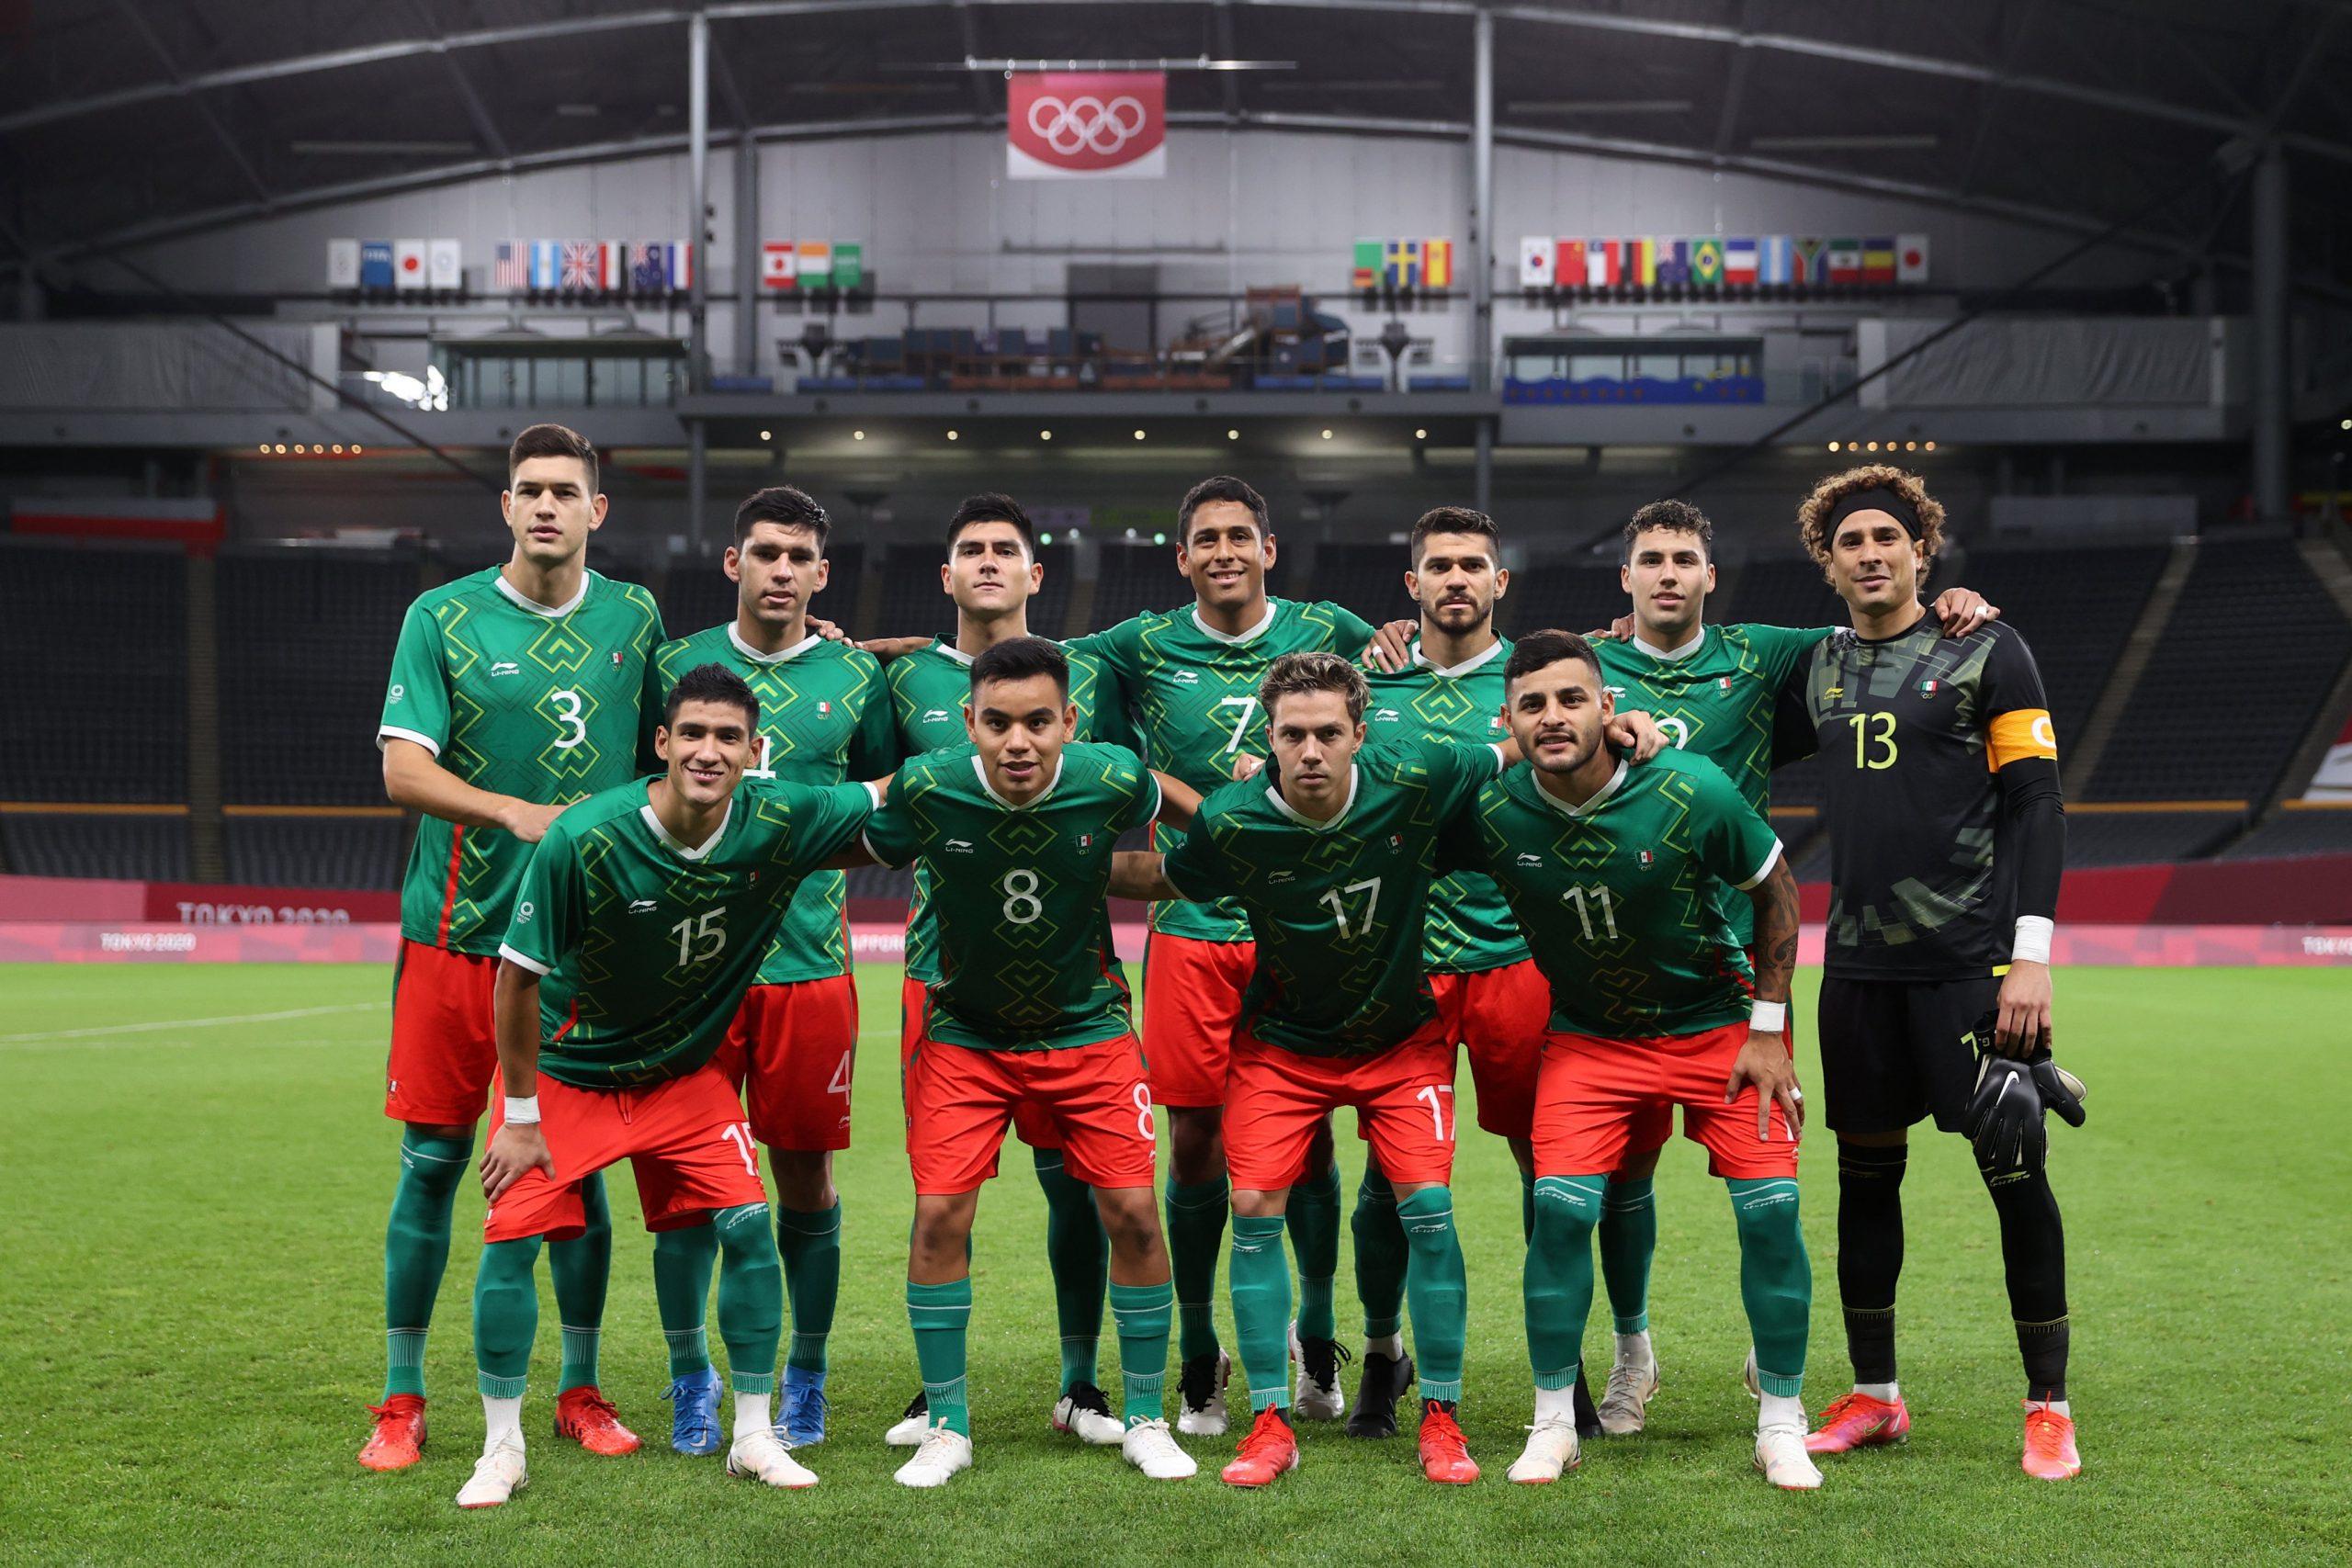 México vs Japón: Ahora lucharán por el bronce por estos penales contra Brasil en Tokio 2020